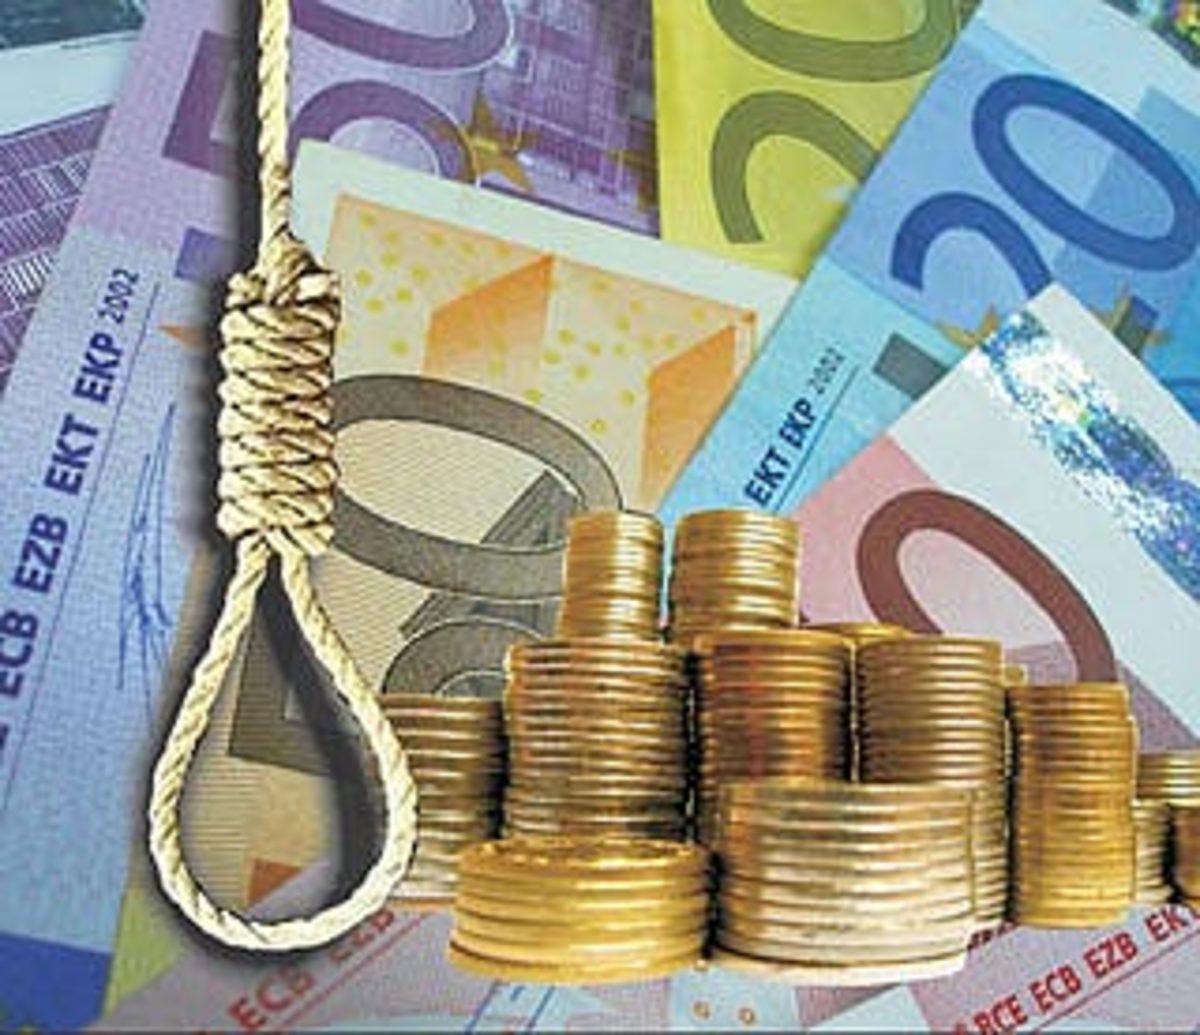 Κρήτη: Τα χρέη συνεχίζουν να »πνίγουν» πολίτες -Αυτοκτόνησε εξαγωγέας λαδιού! | Newsit.gr